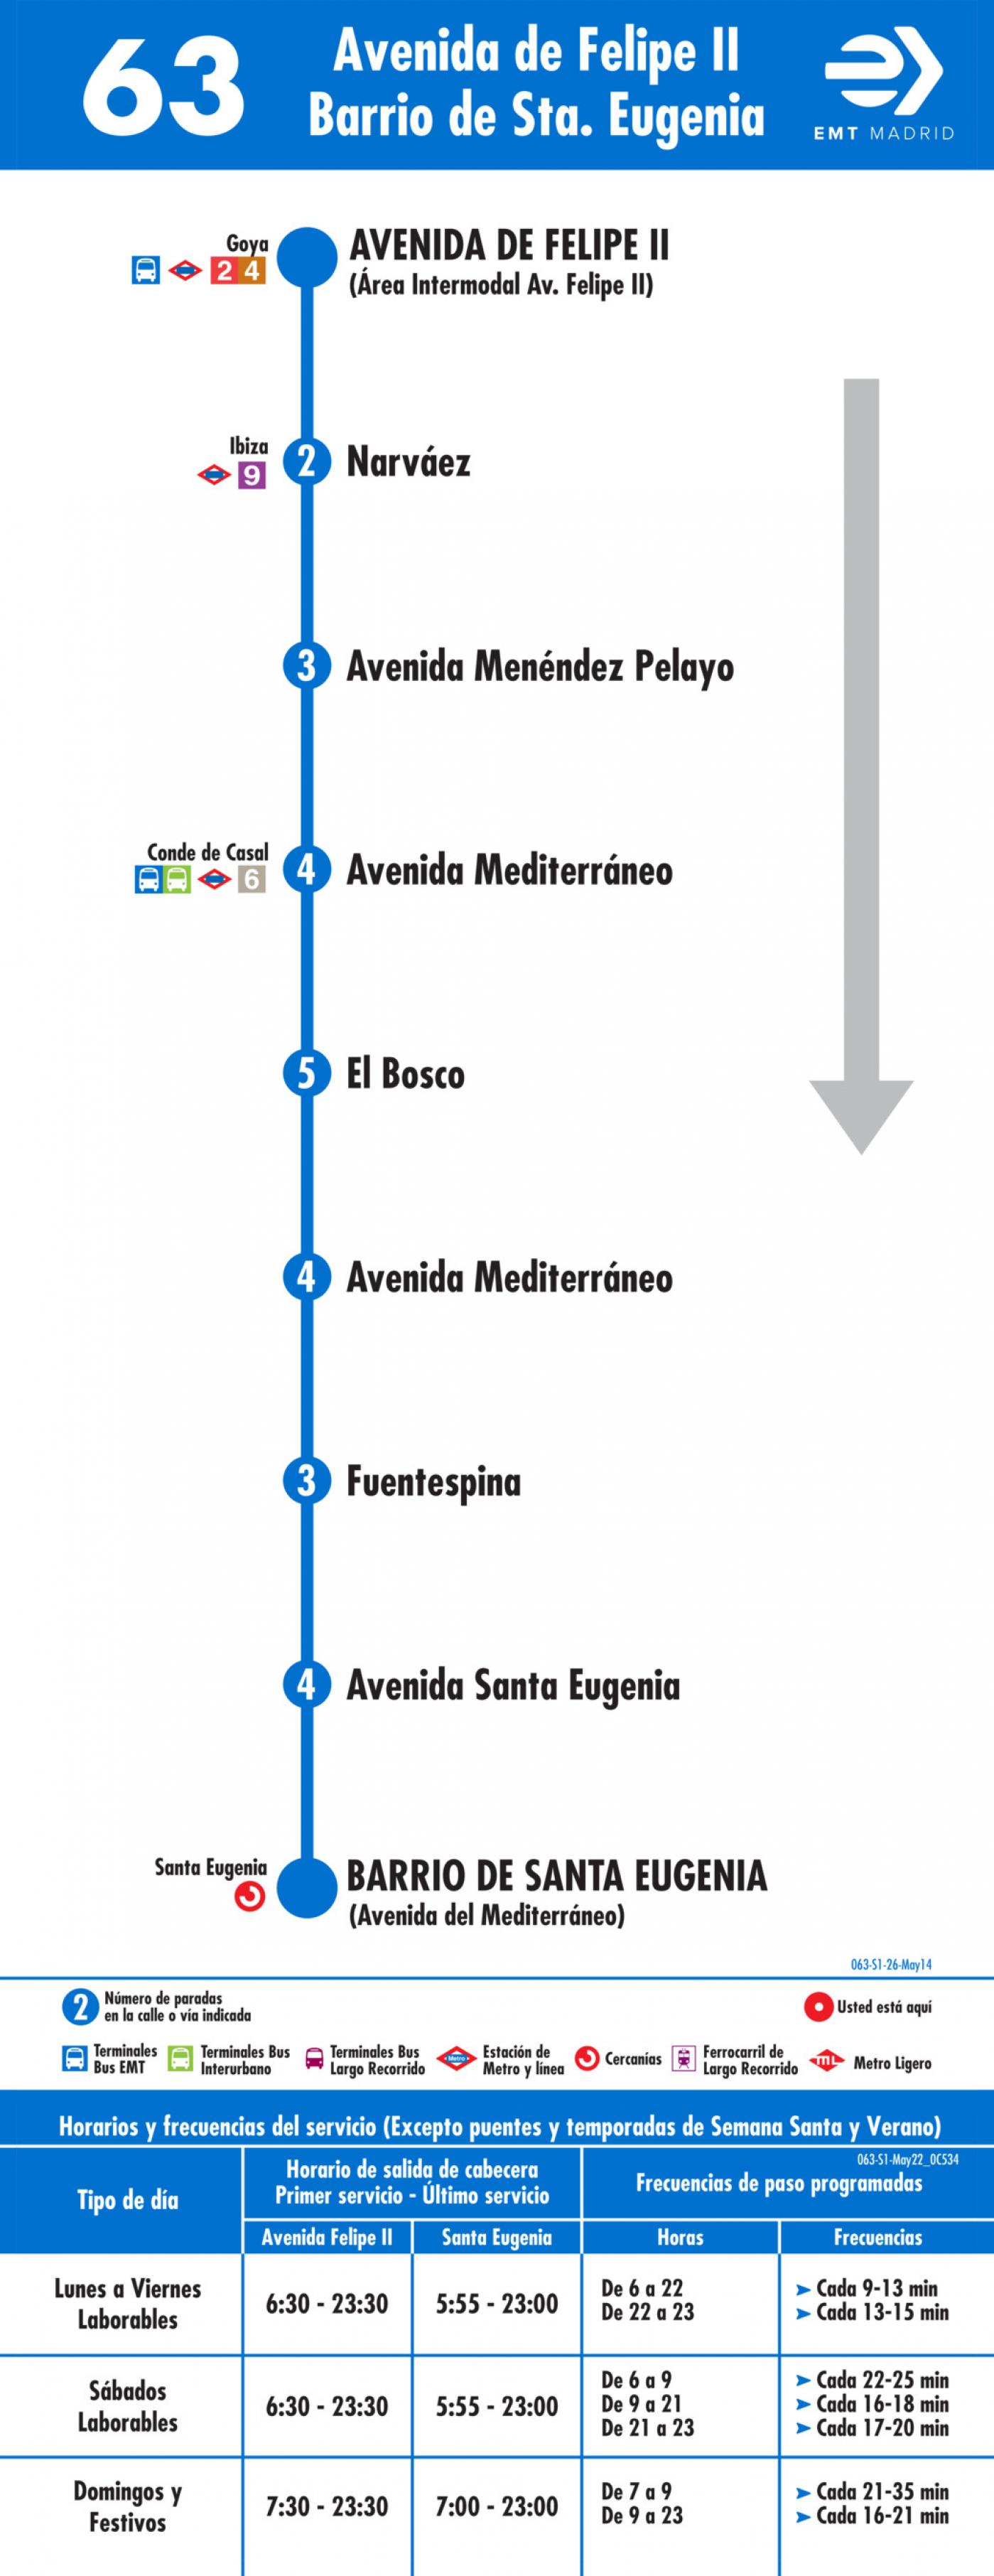 Tabla de horarios y frecuencias de paso en sentido ida Línea 63: Avenida de Felipe II - Barrio de Santa Eugenia